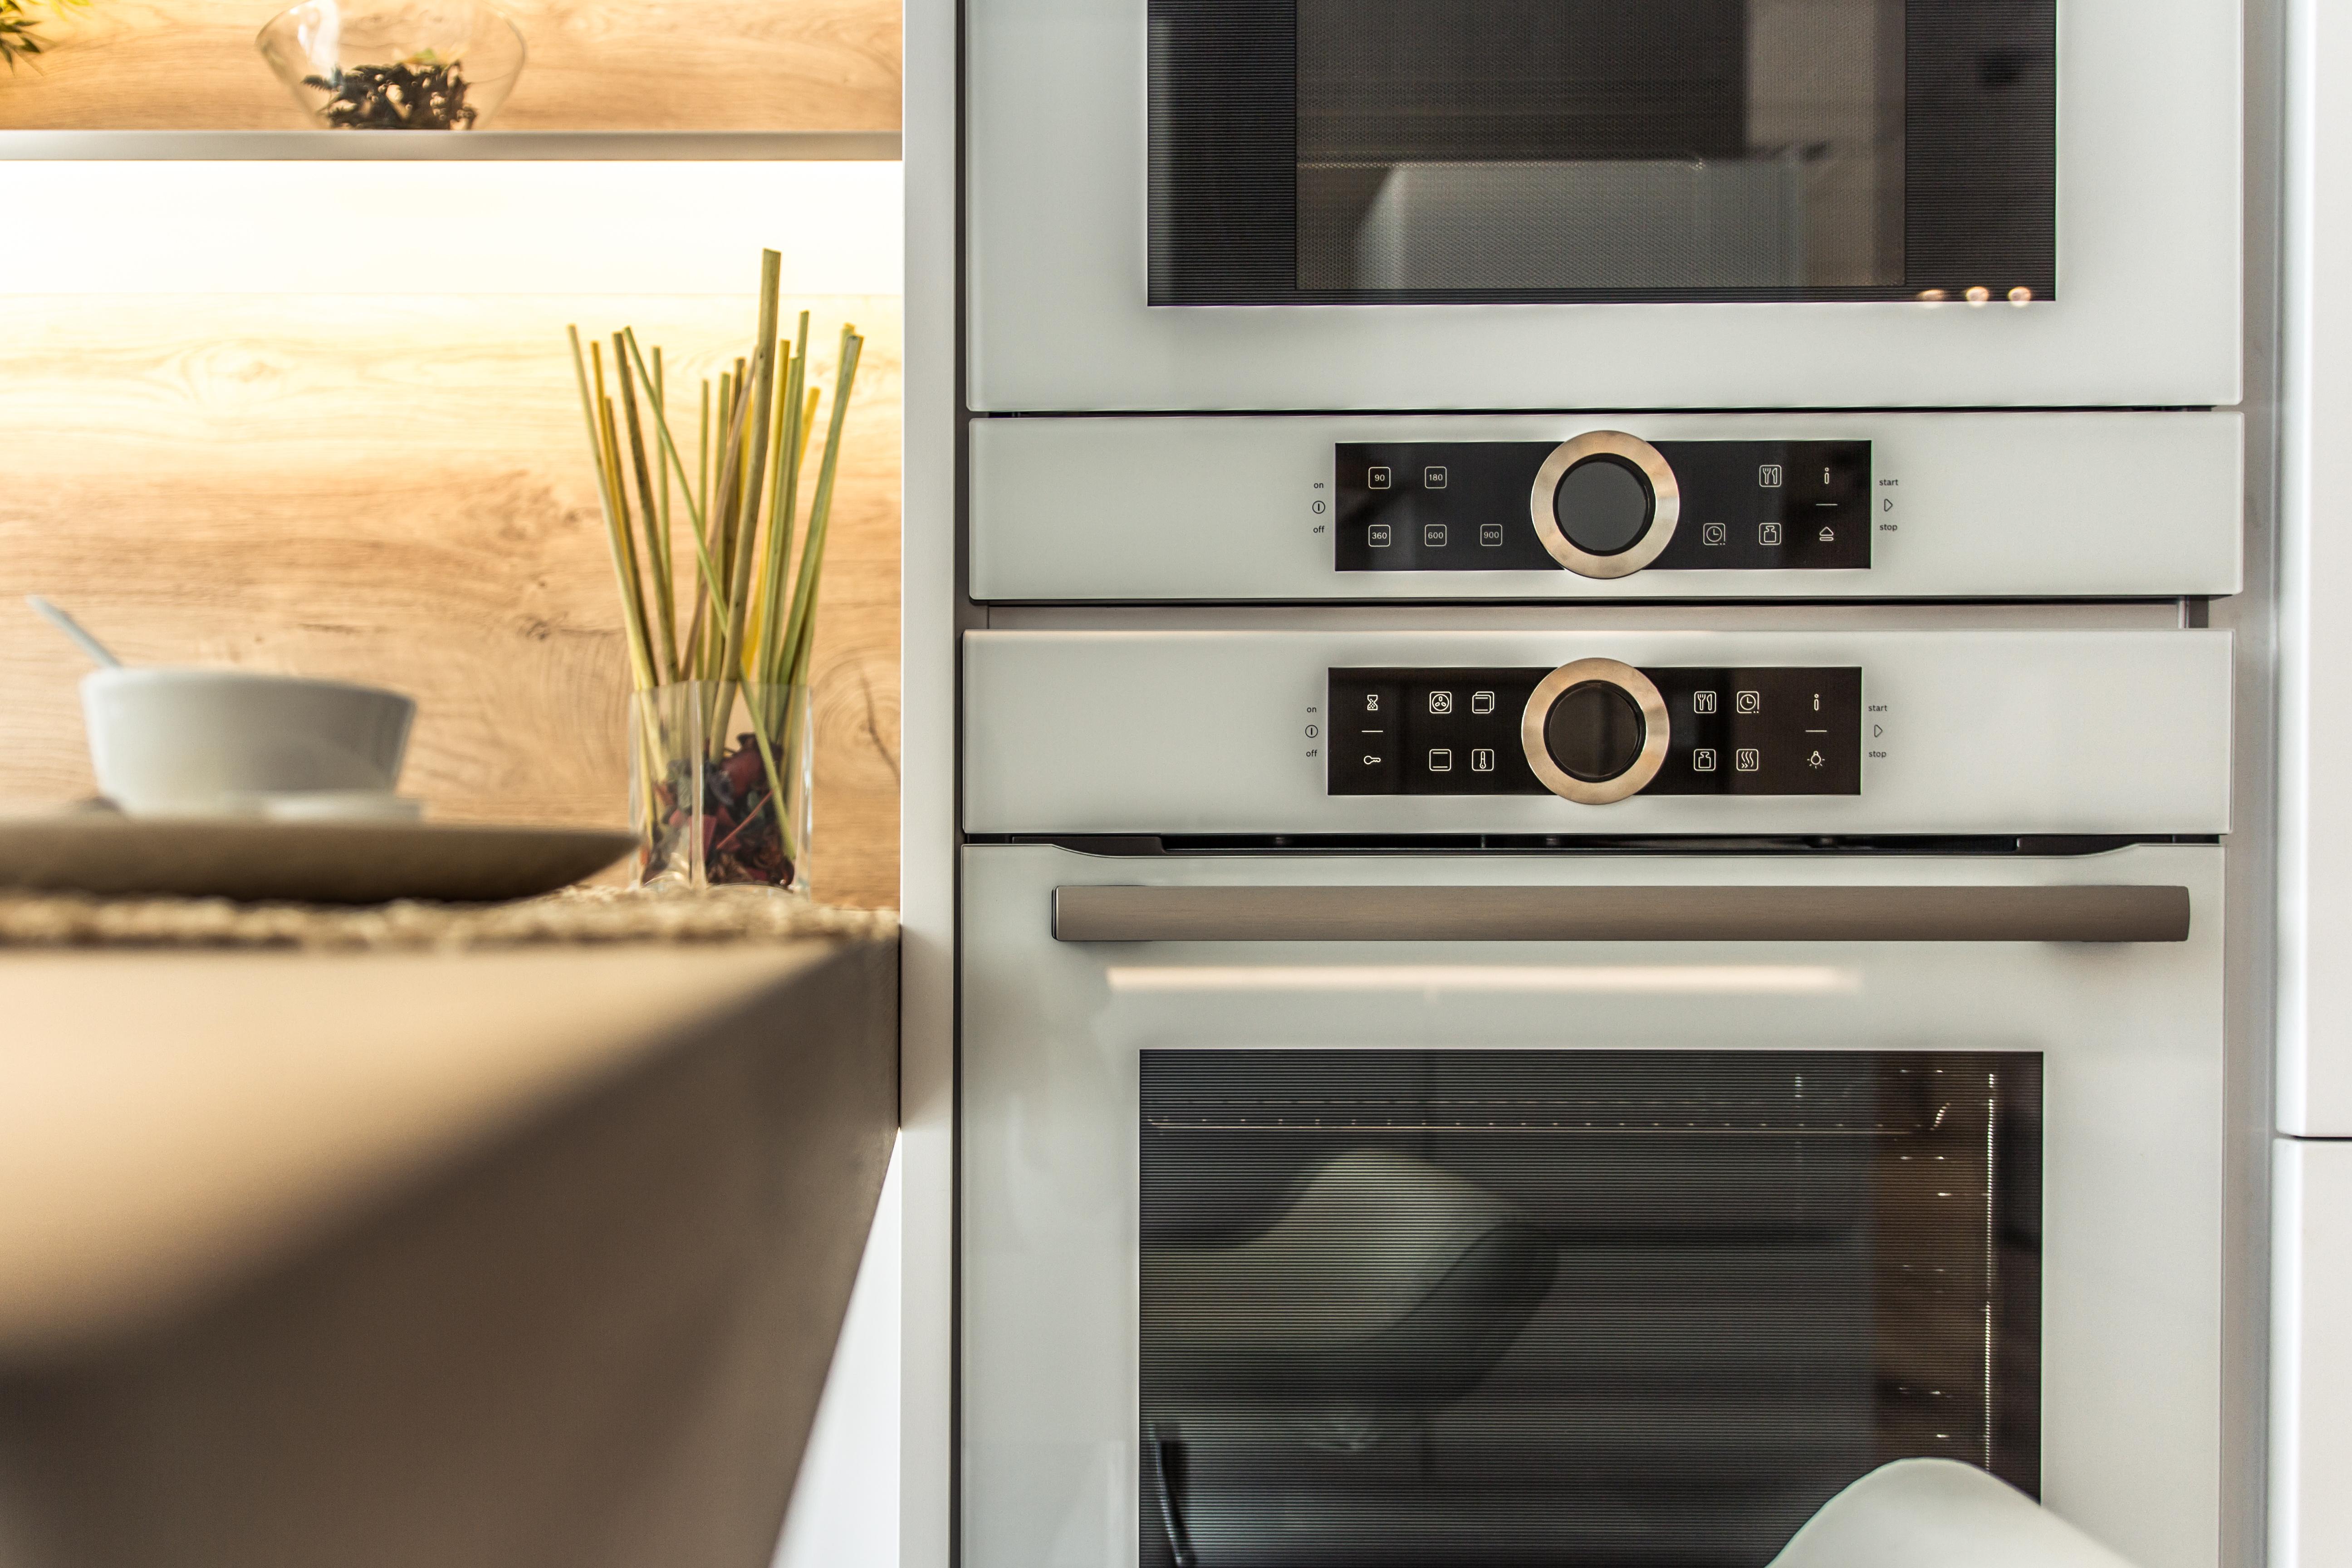 Cucine piccole? come arredarle con facilità - Soluzioni Casa